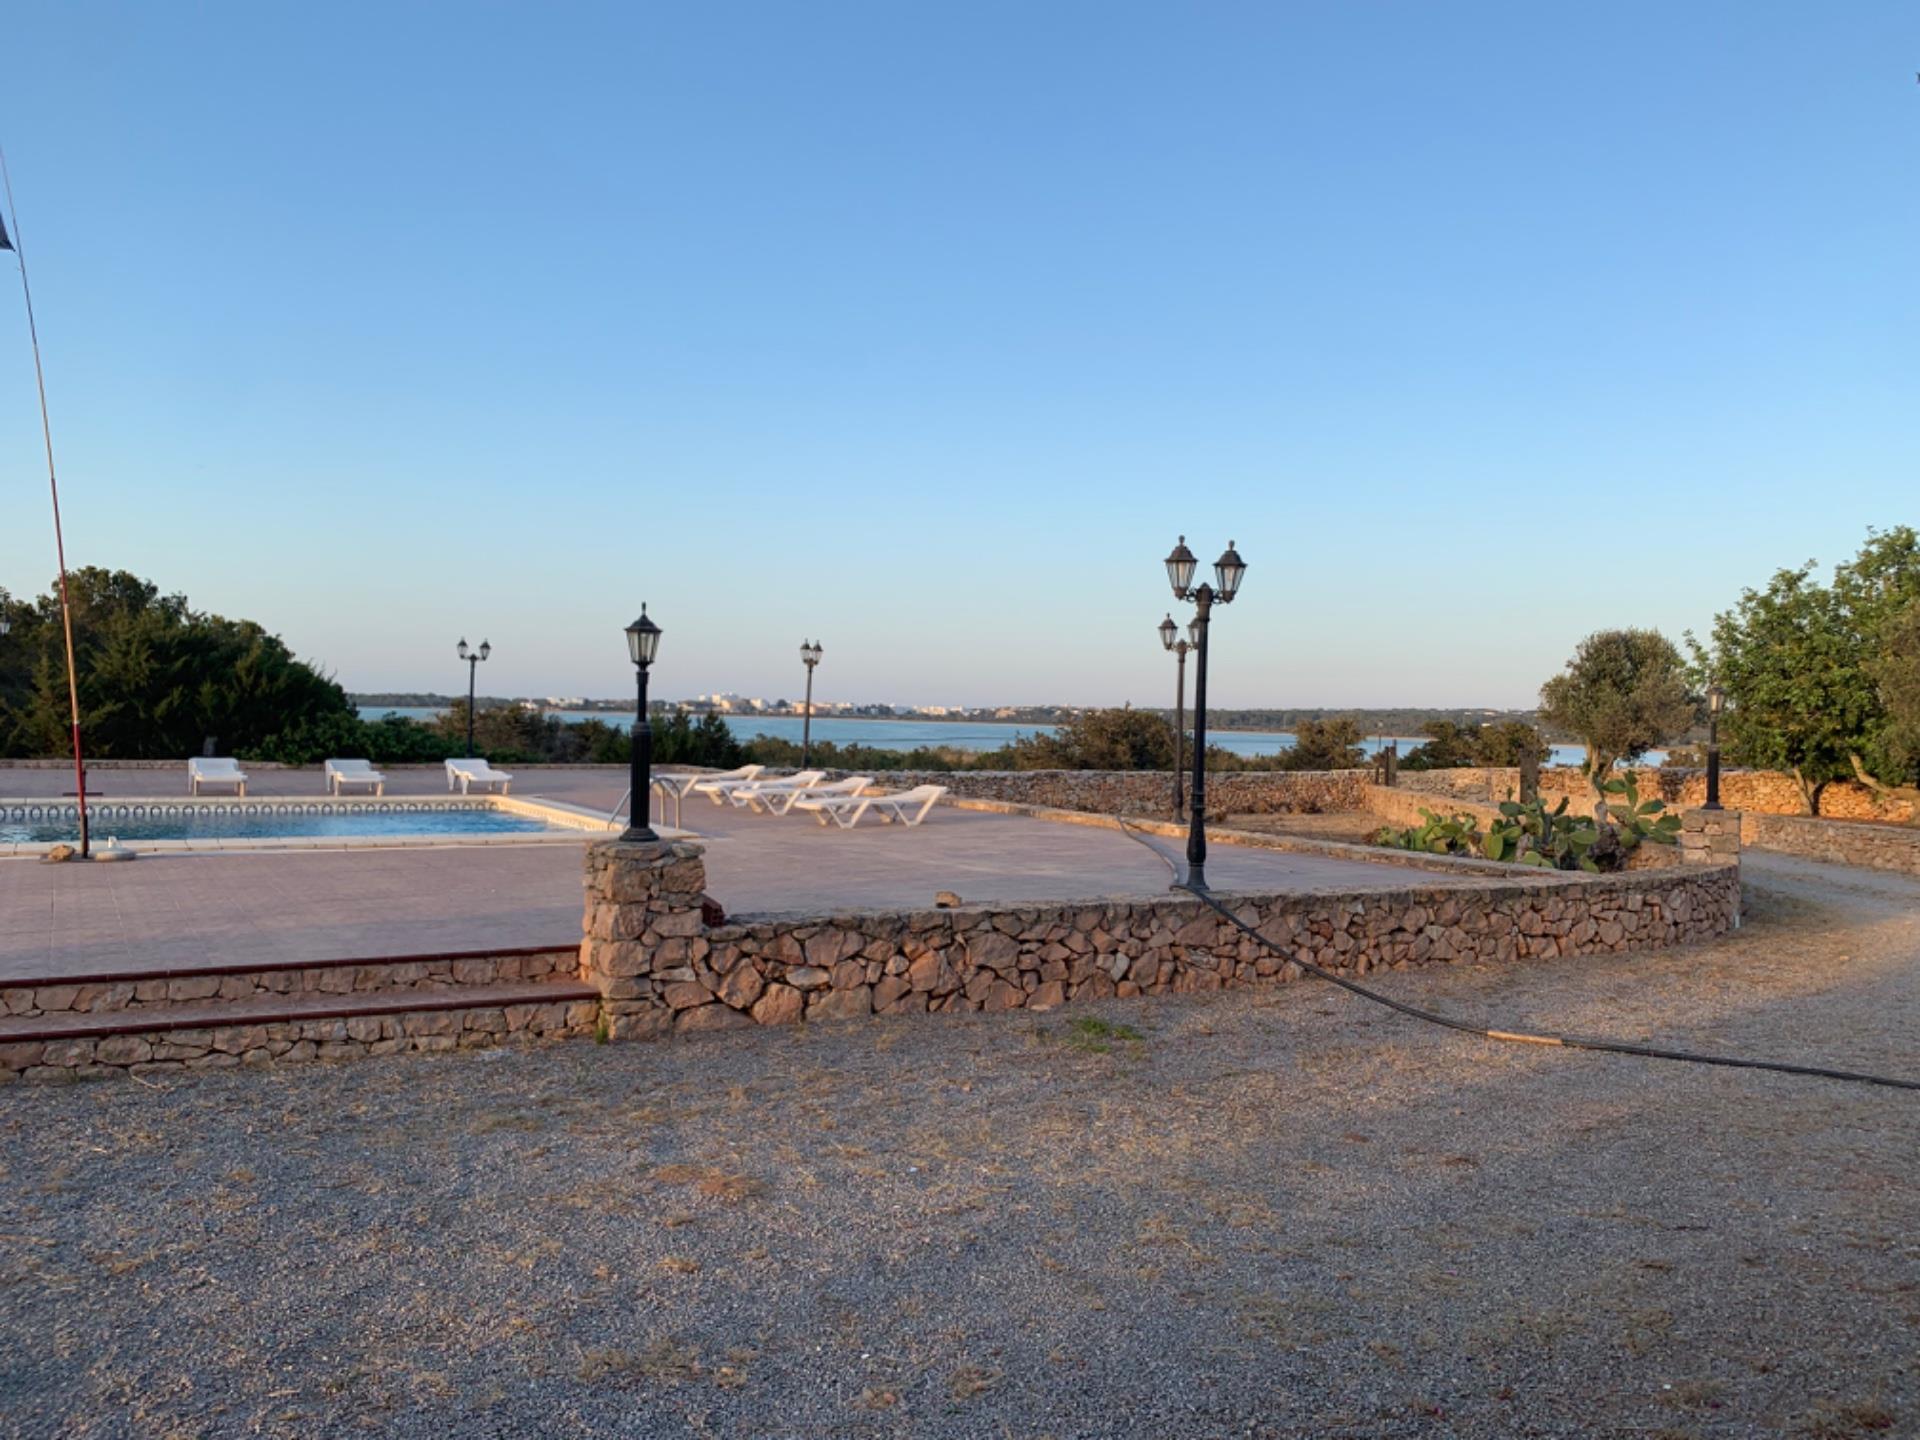 Casa  Carrer de s'almadrava. Formentera